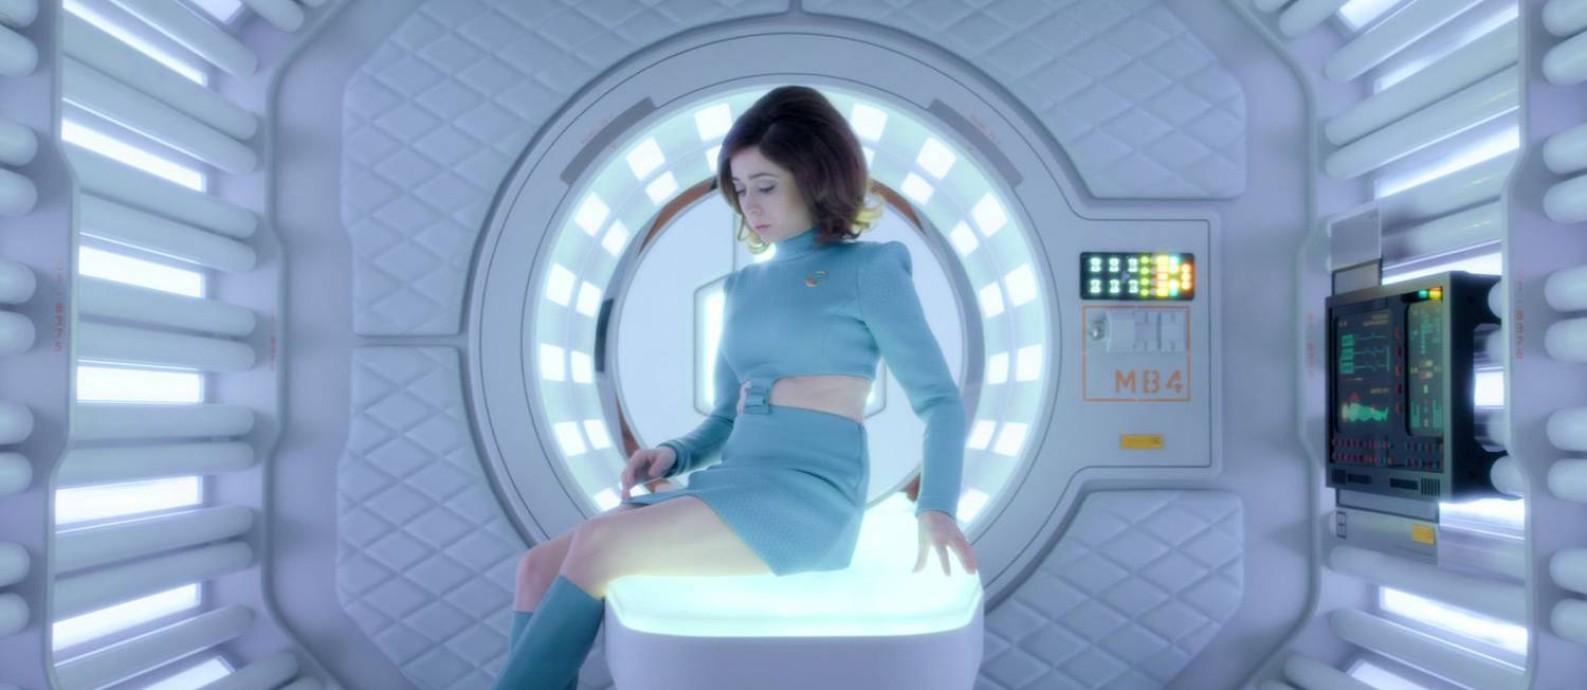 Cristin Milioti estrela um dos episódios da quarta temporada da série 'Black mirror' Foto: Divulgação